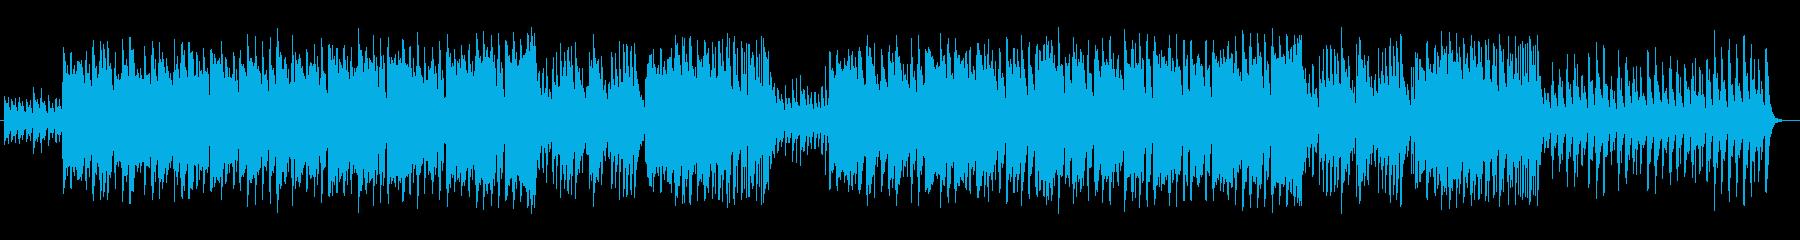 優しく涼しげなシンセサイザーサウンドの再生済みの波形